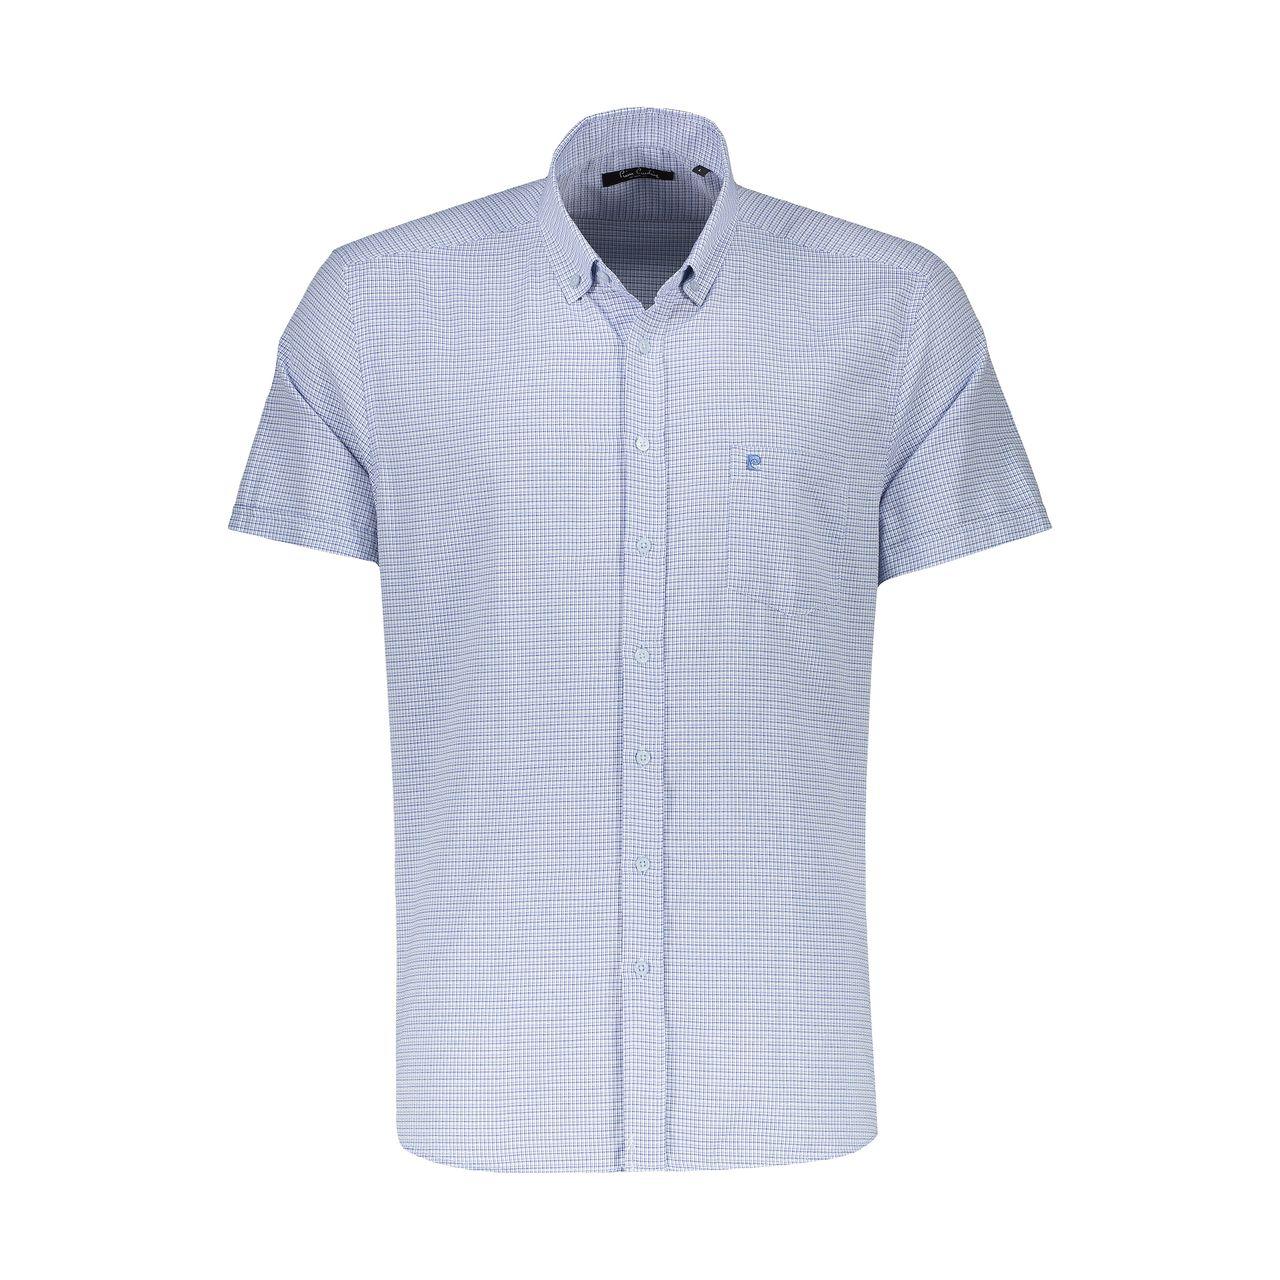 پیراهن آستین کوتاه مردانه پیر کاردین مدل pc208